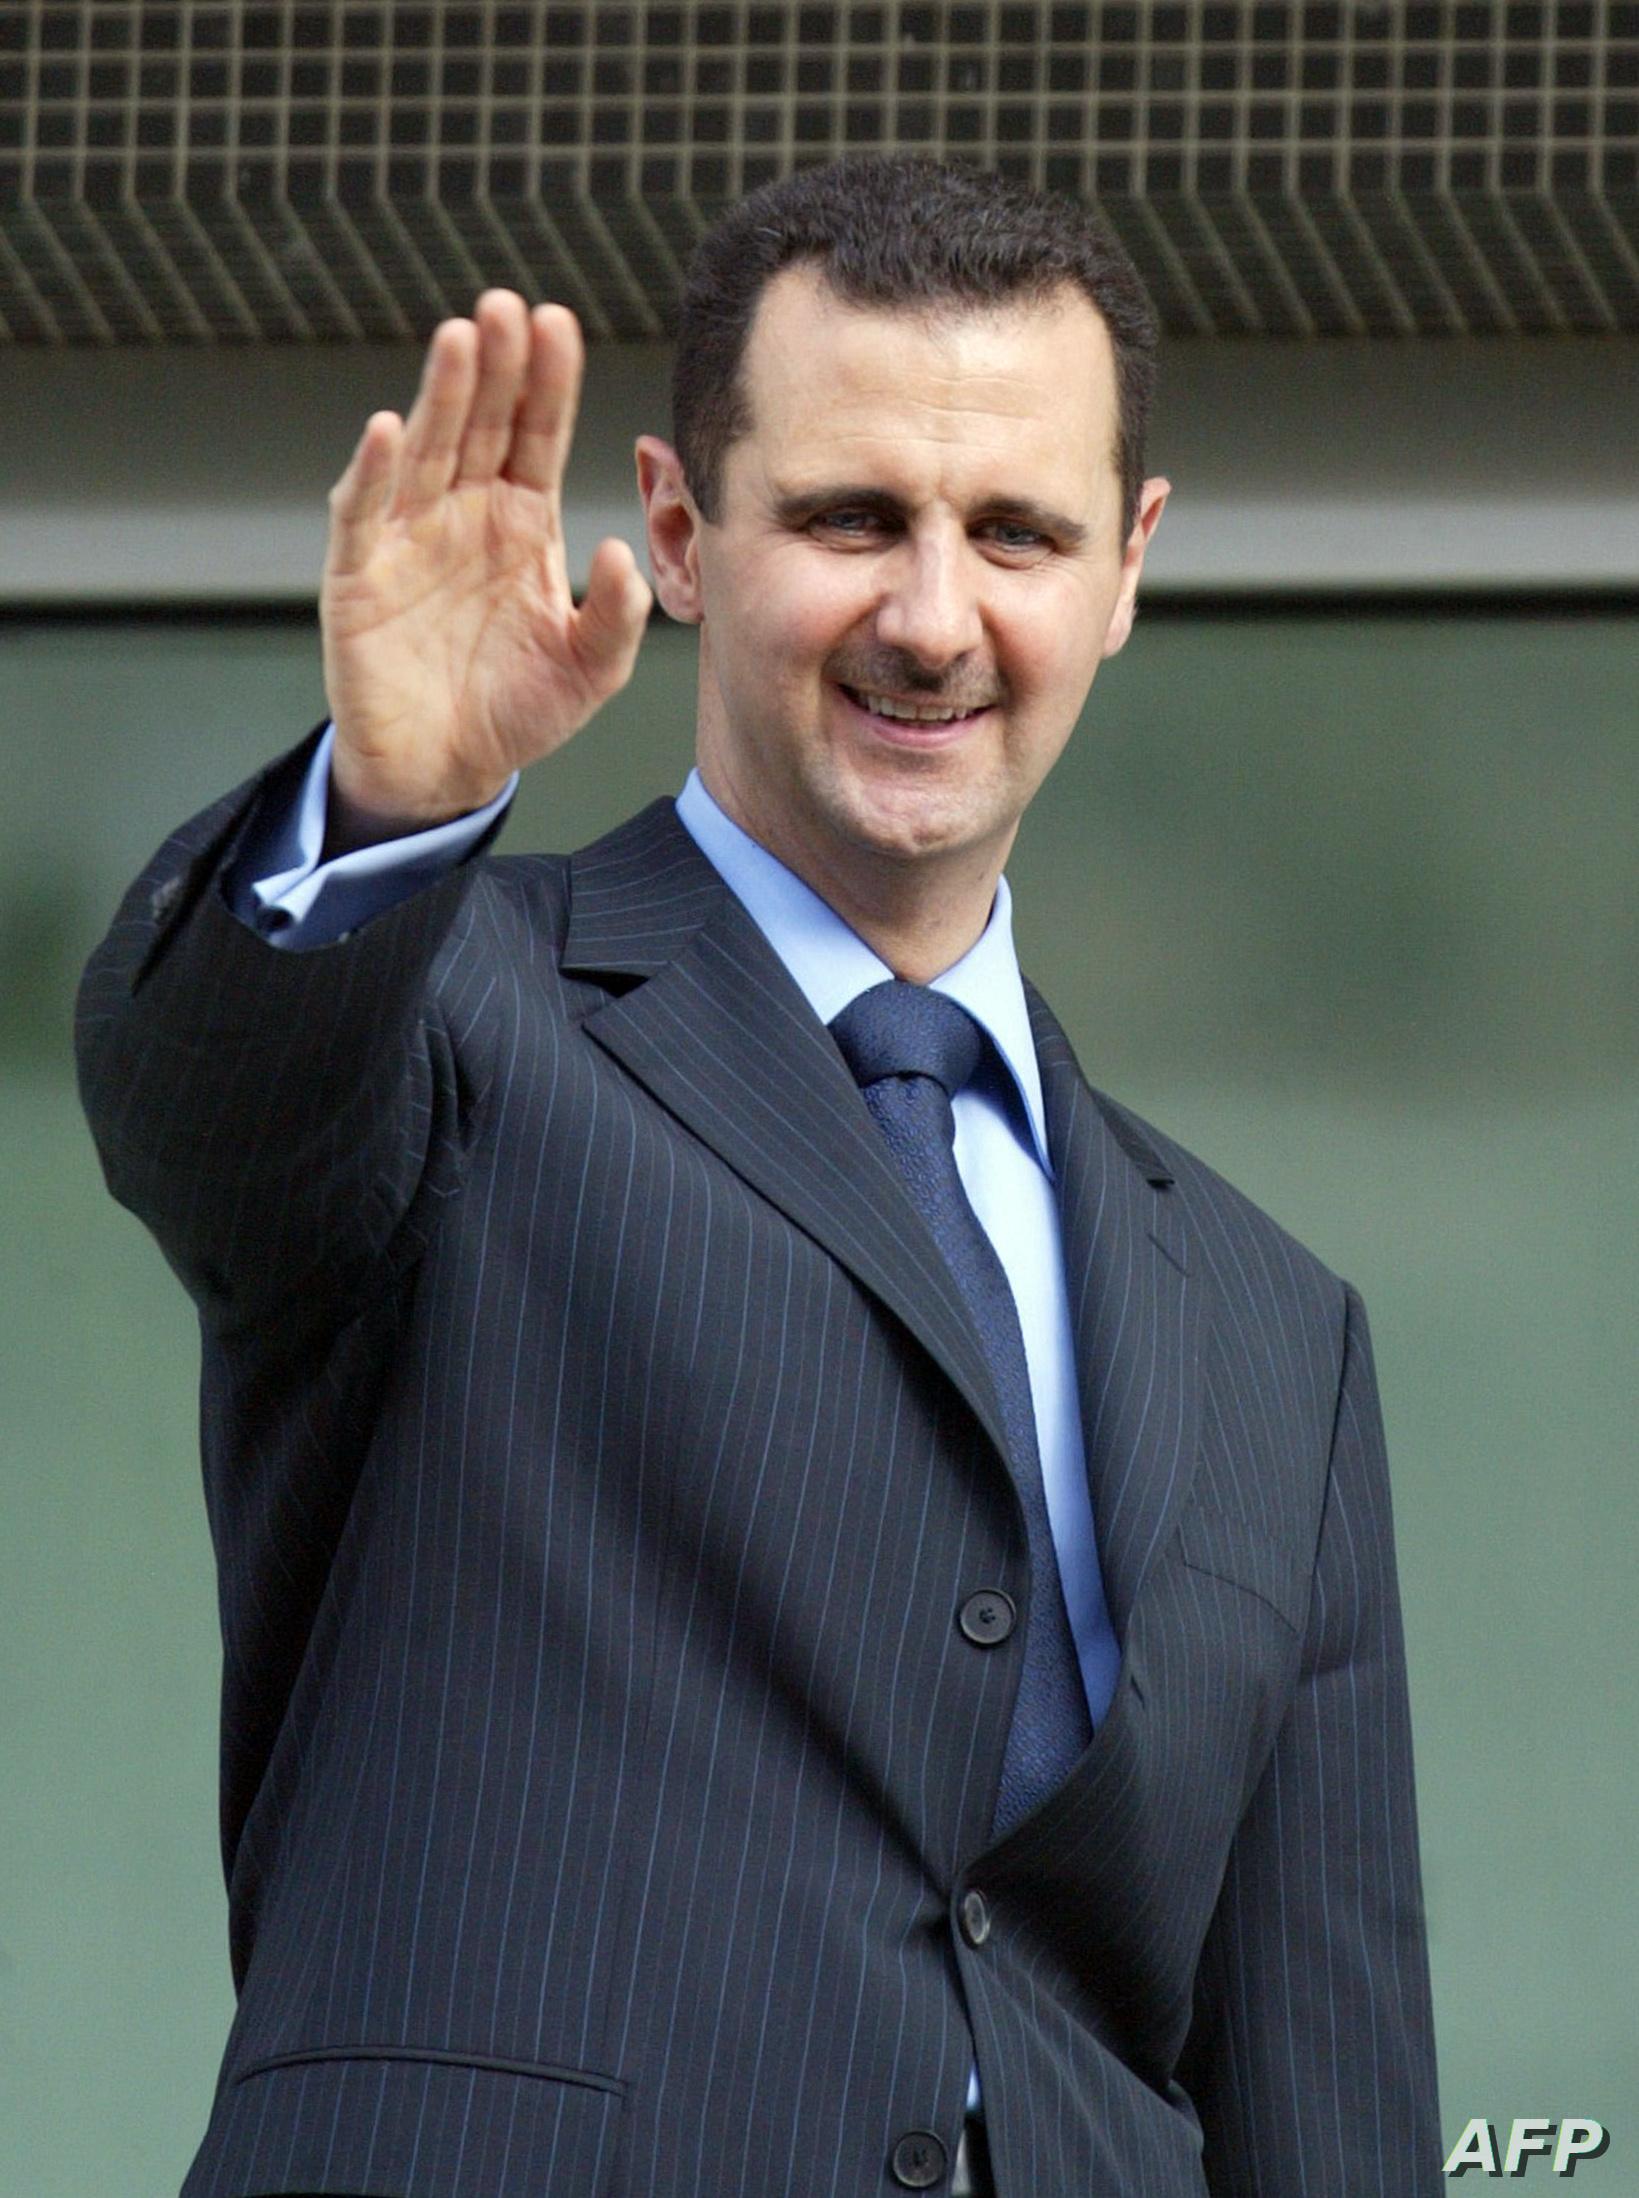 """موقع """"غلوبال سكيورتي ريفيو"""": بشار الأسد سيرحل عن السلطة قريباً"""